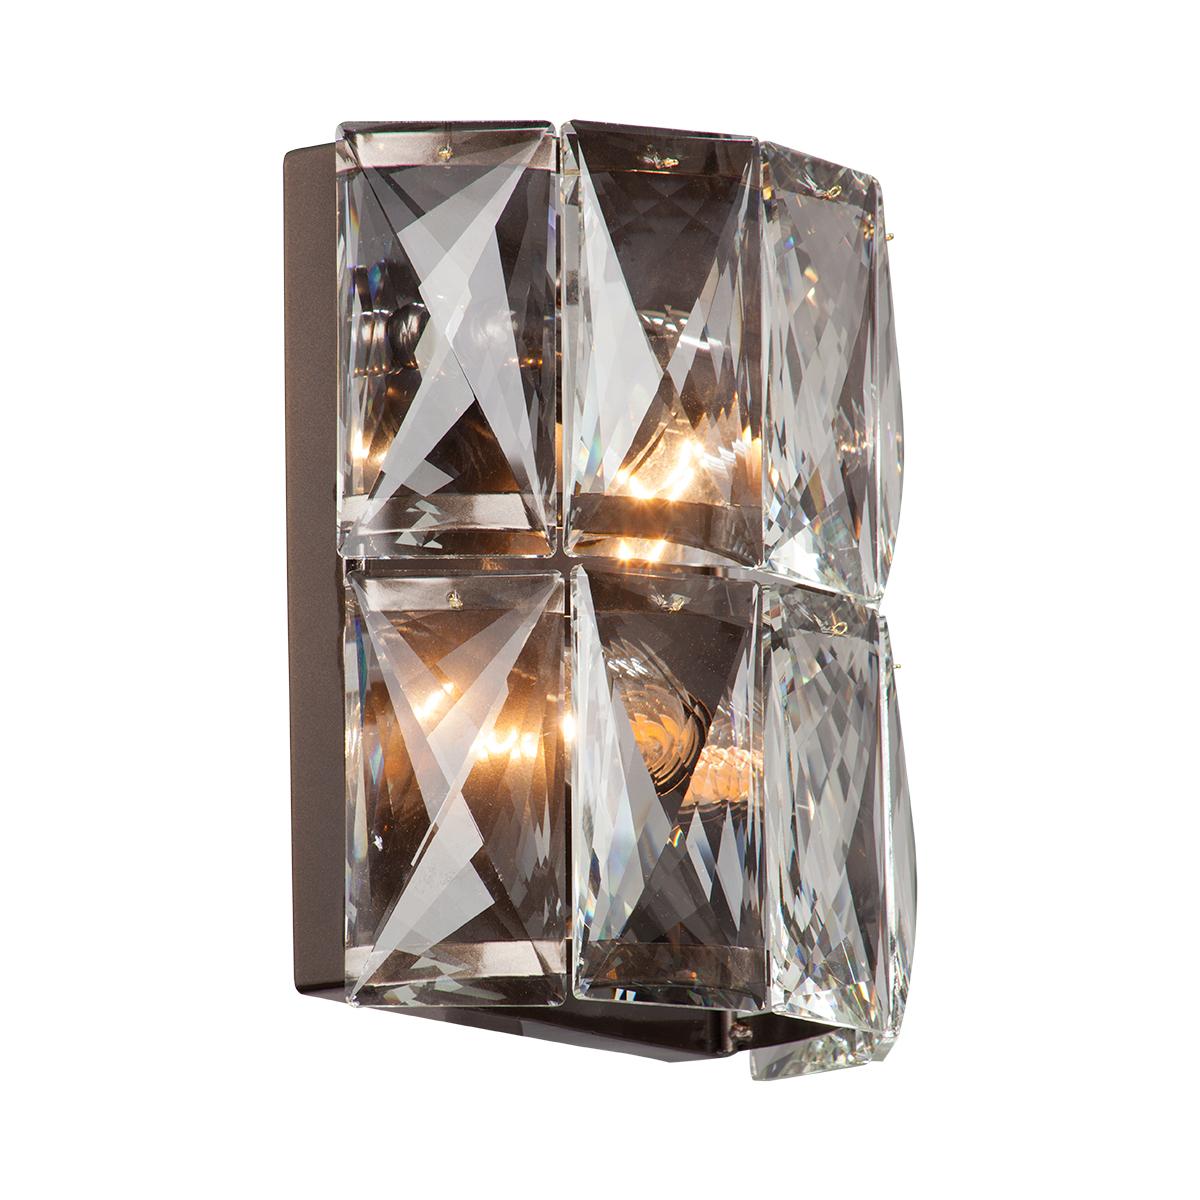 Светильник настенный Vitaluce V5845-7/2A, 2хЕ14 макс. 40Вт настенный светильник vitaluce v6000 2a